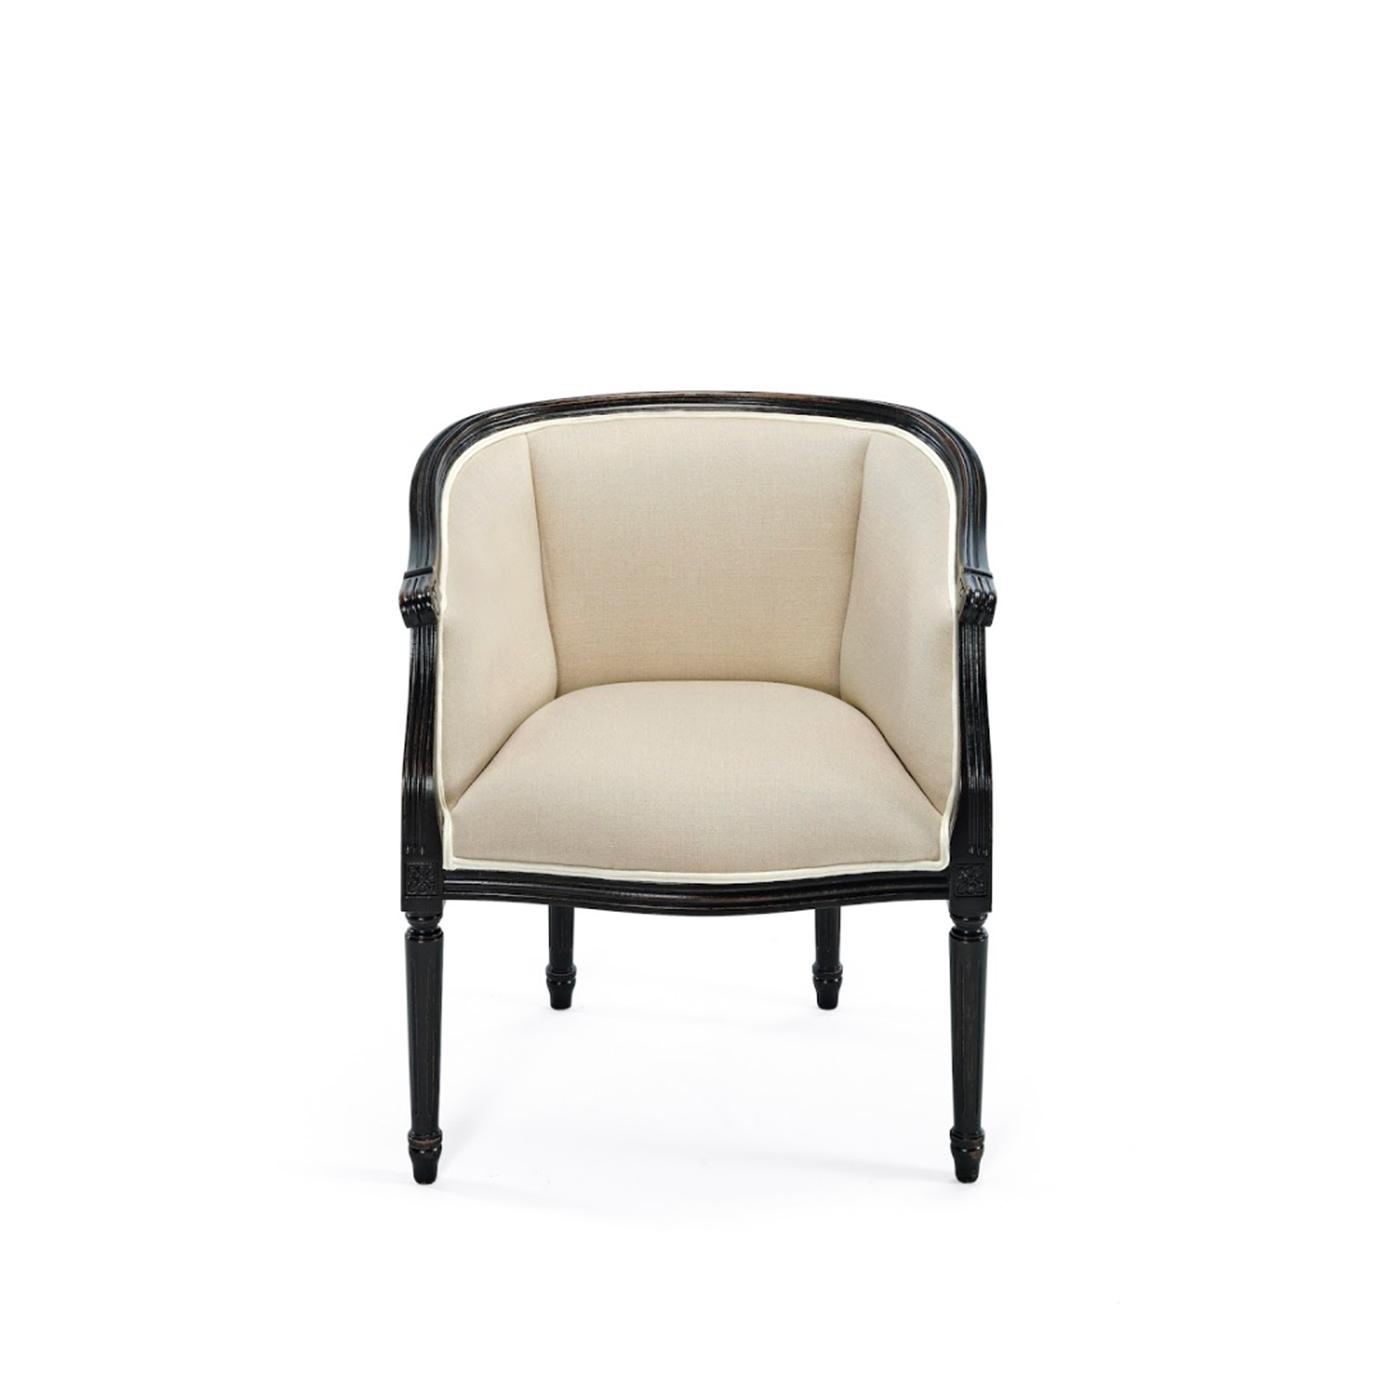 Louis XVI Tub Chair (Code 7363) Image